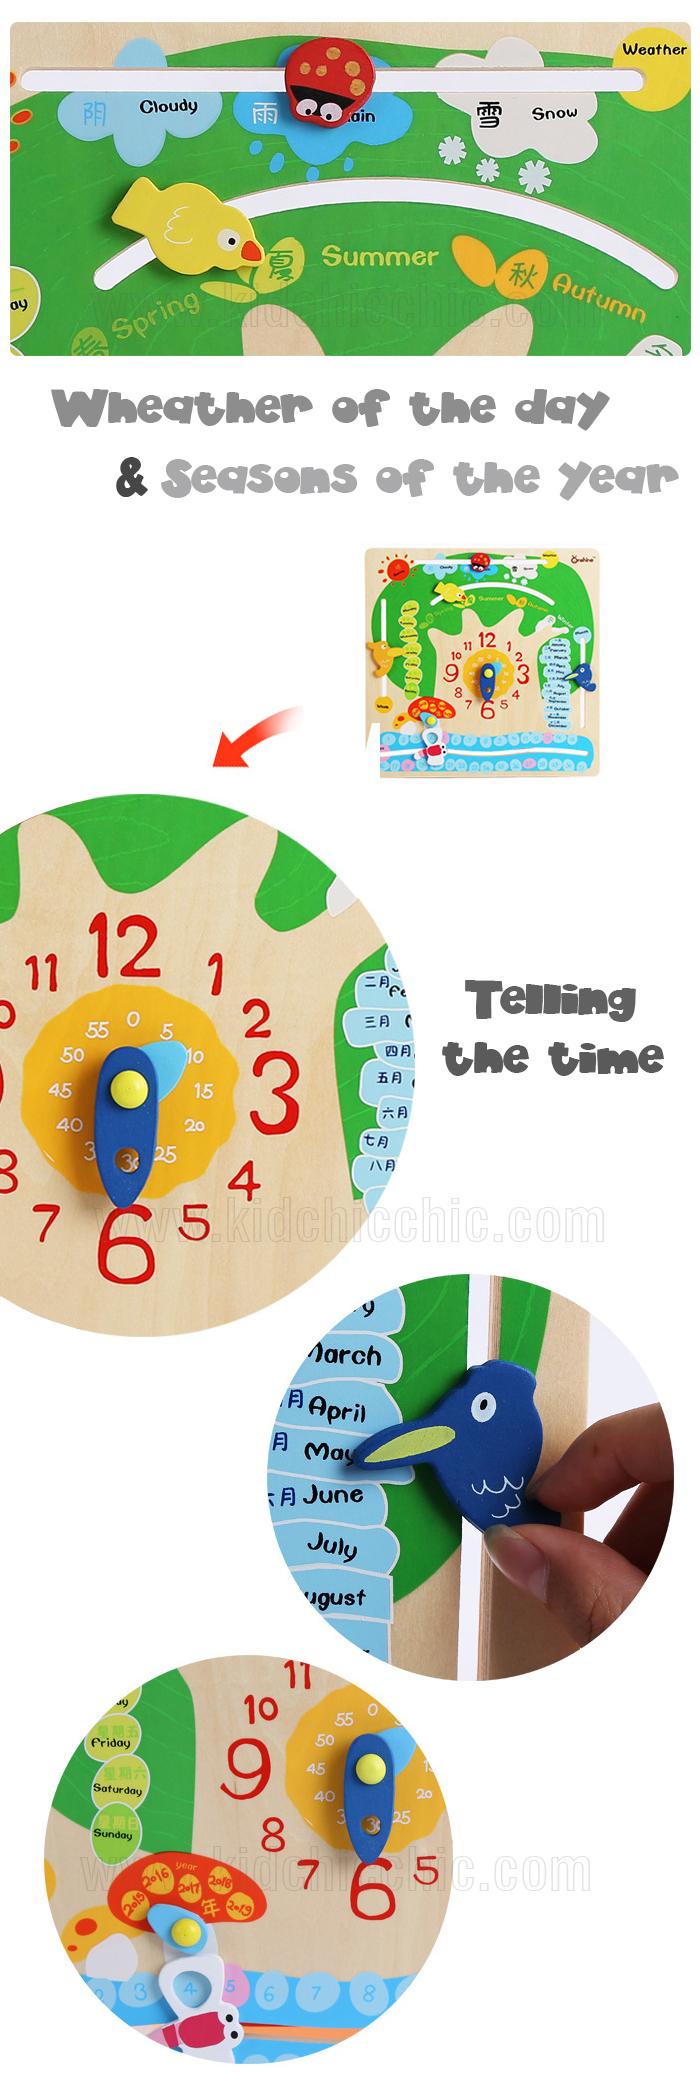 นาฬิกาไม้ สอนเรื่อง วัน เดือน ปี เวลา ฤดู และสภาพอากาศ